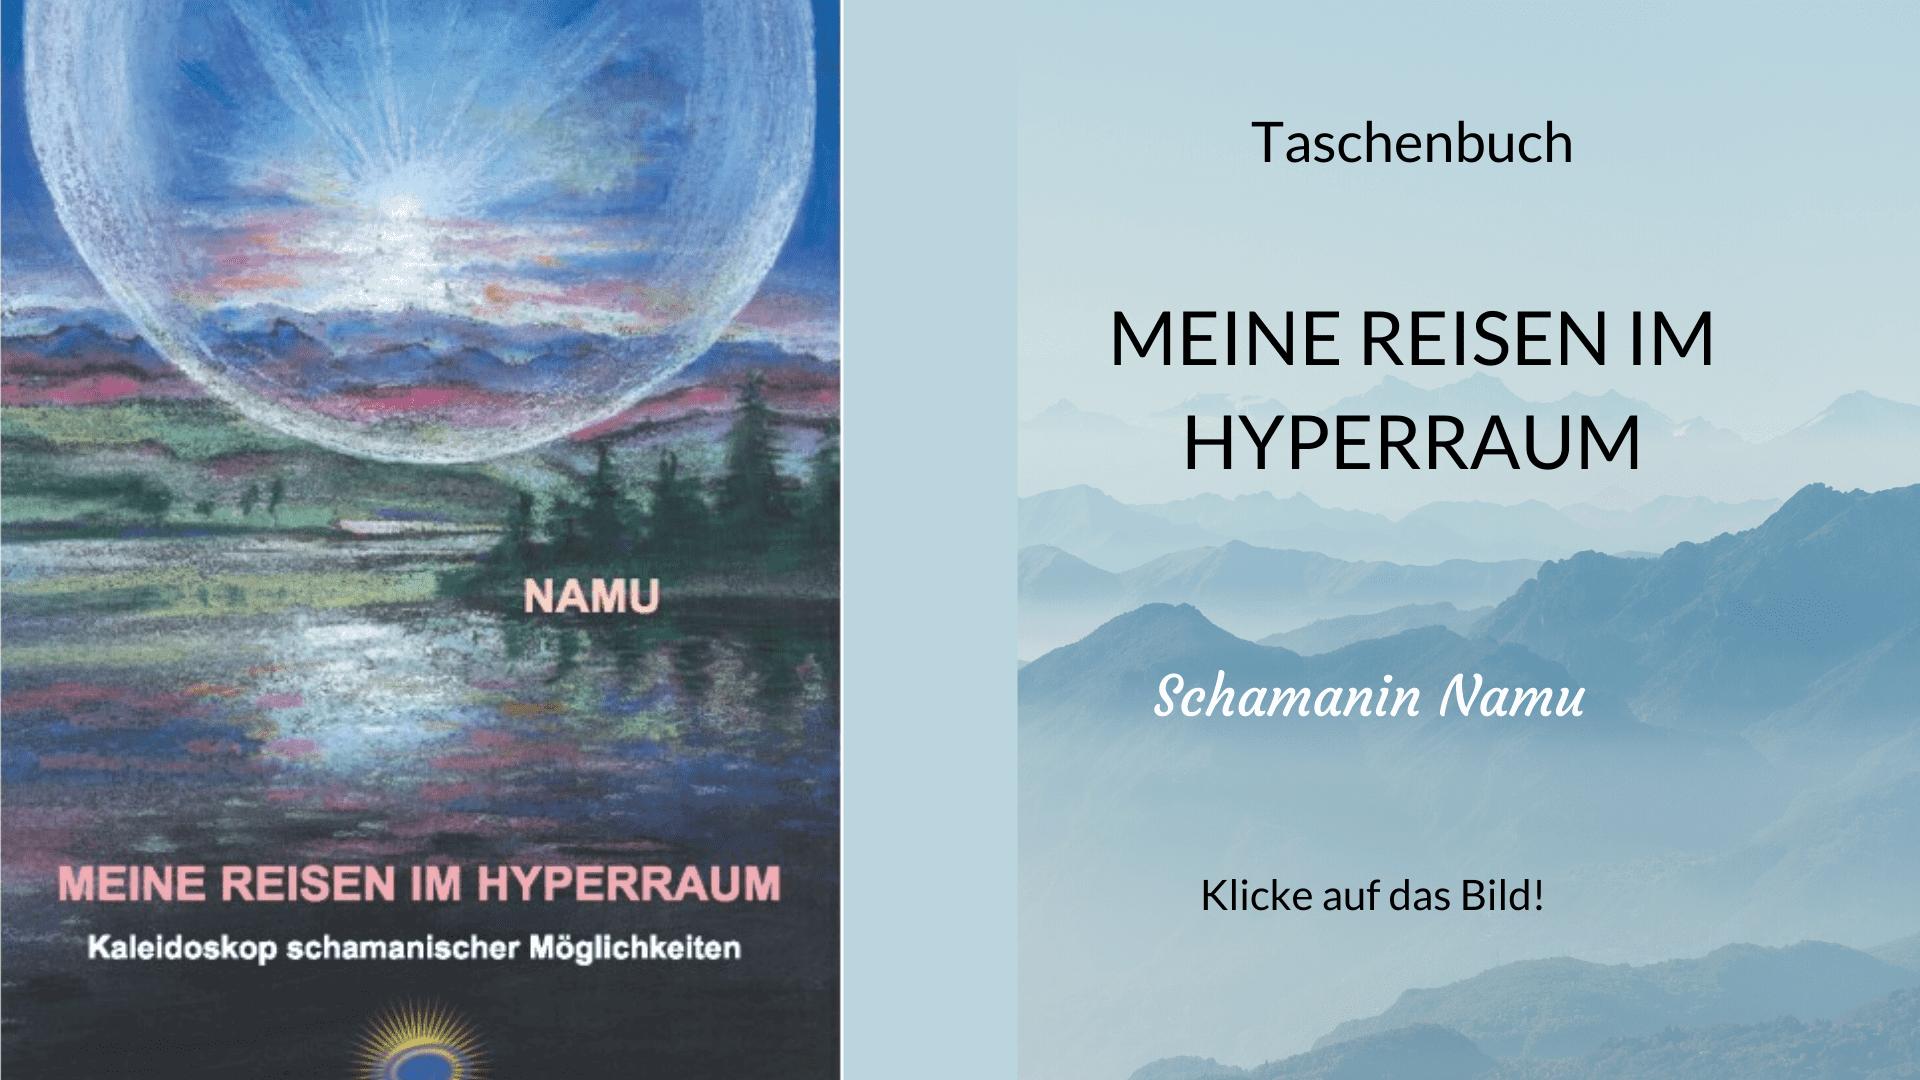 Taschenbuch MEINE REISEN IM HYPERRAUM-min